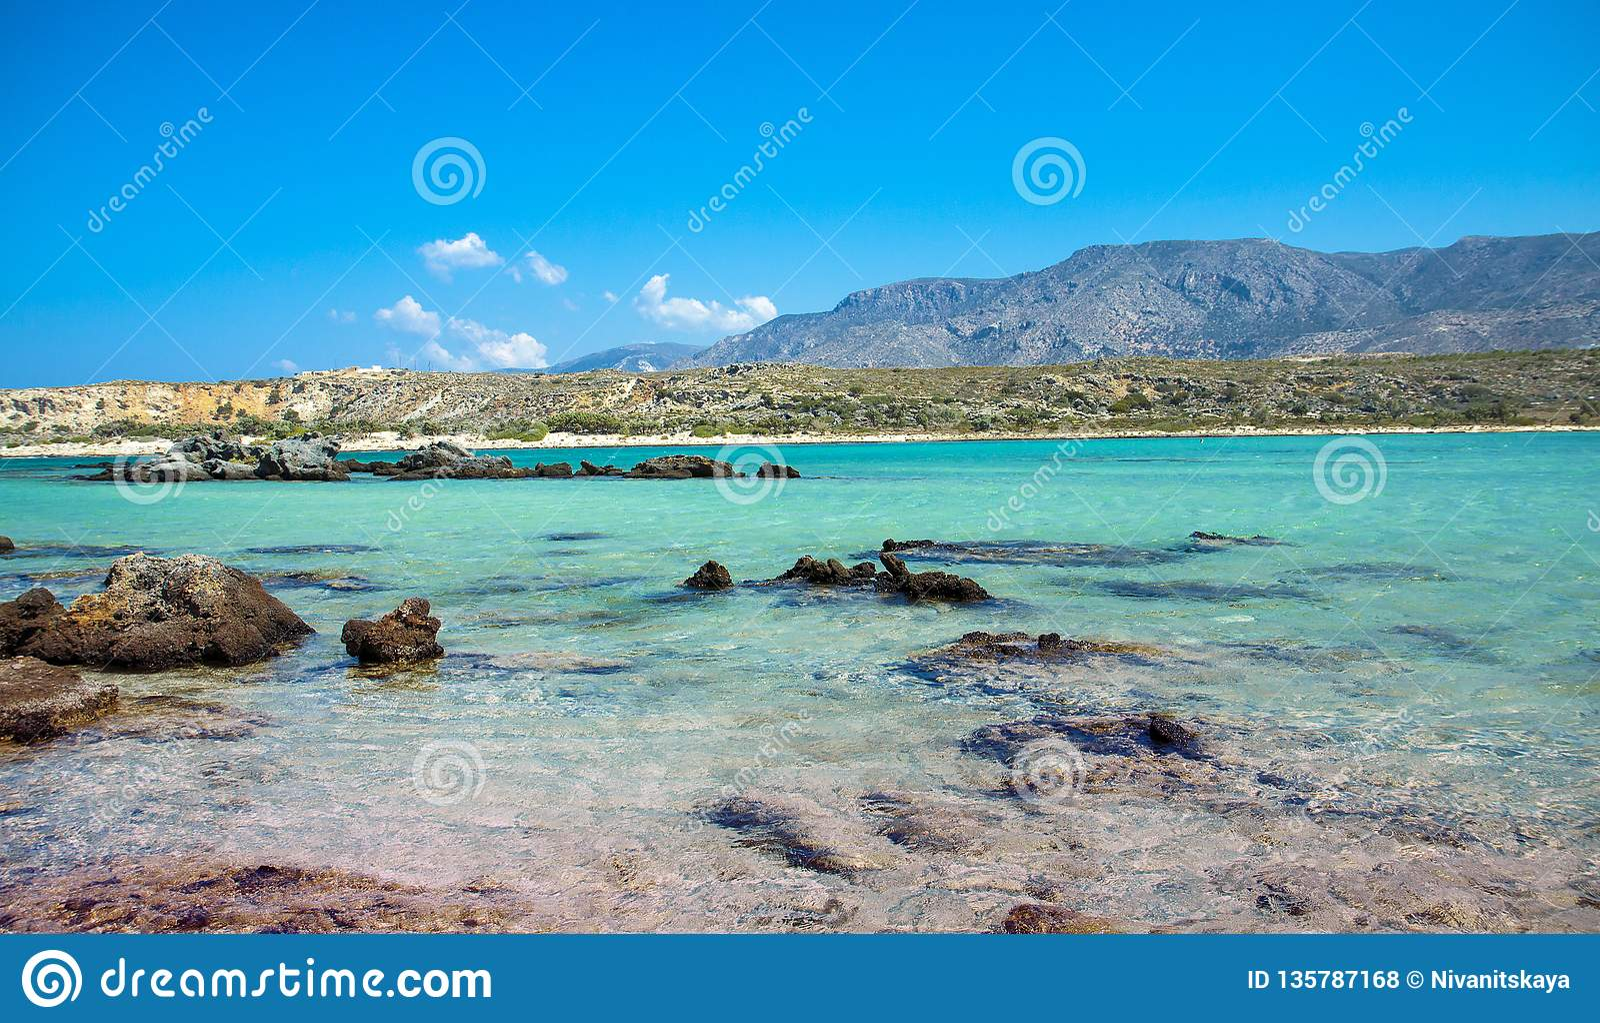 Elafonisi strand med rosa sand på Kreta, Grekland